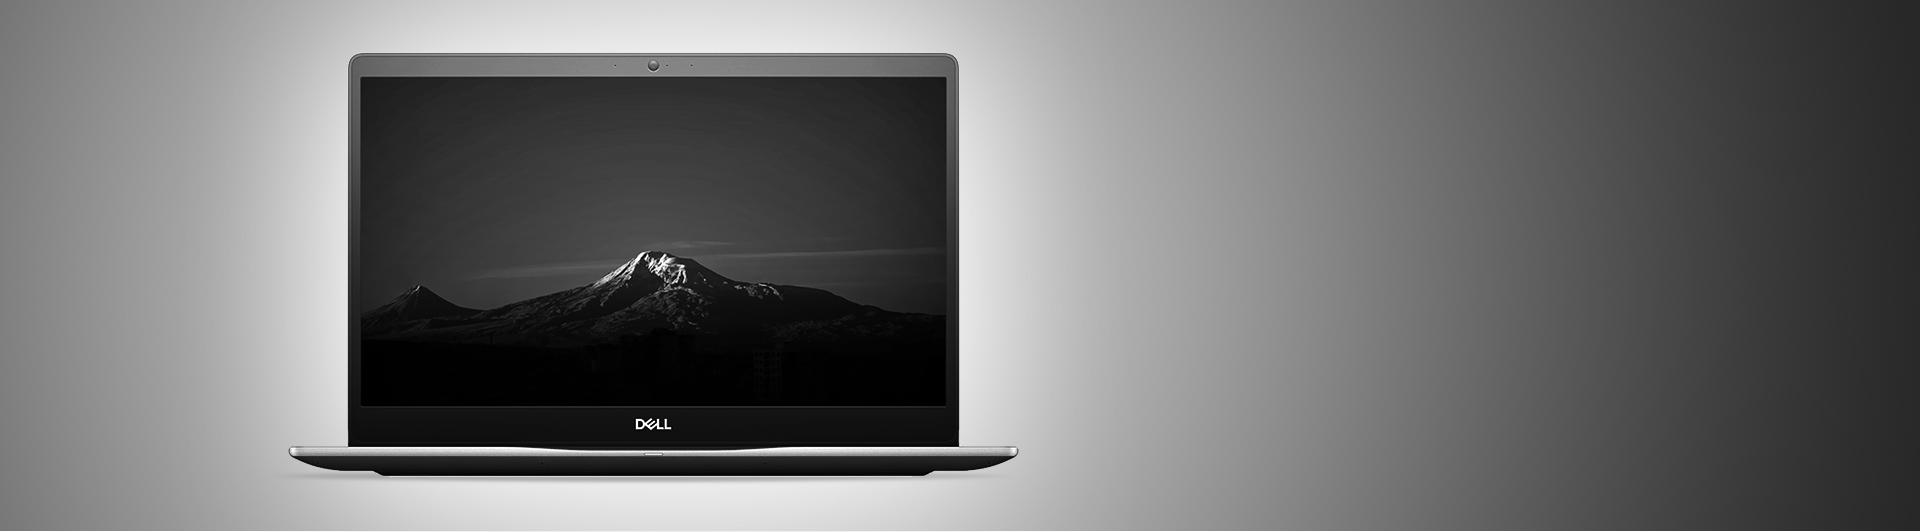 Laptop Dell Inspiron 15 7570 (782P81) thuộc dòng laptop mỏng nhẹ